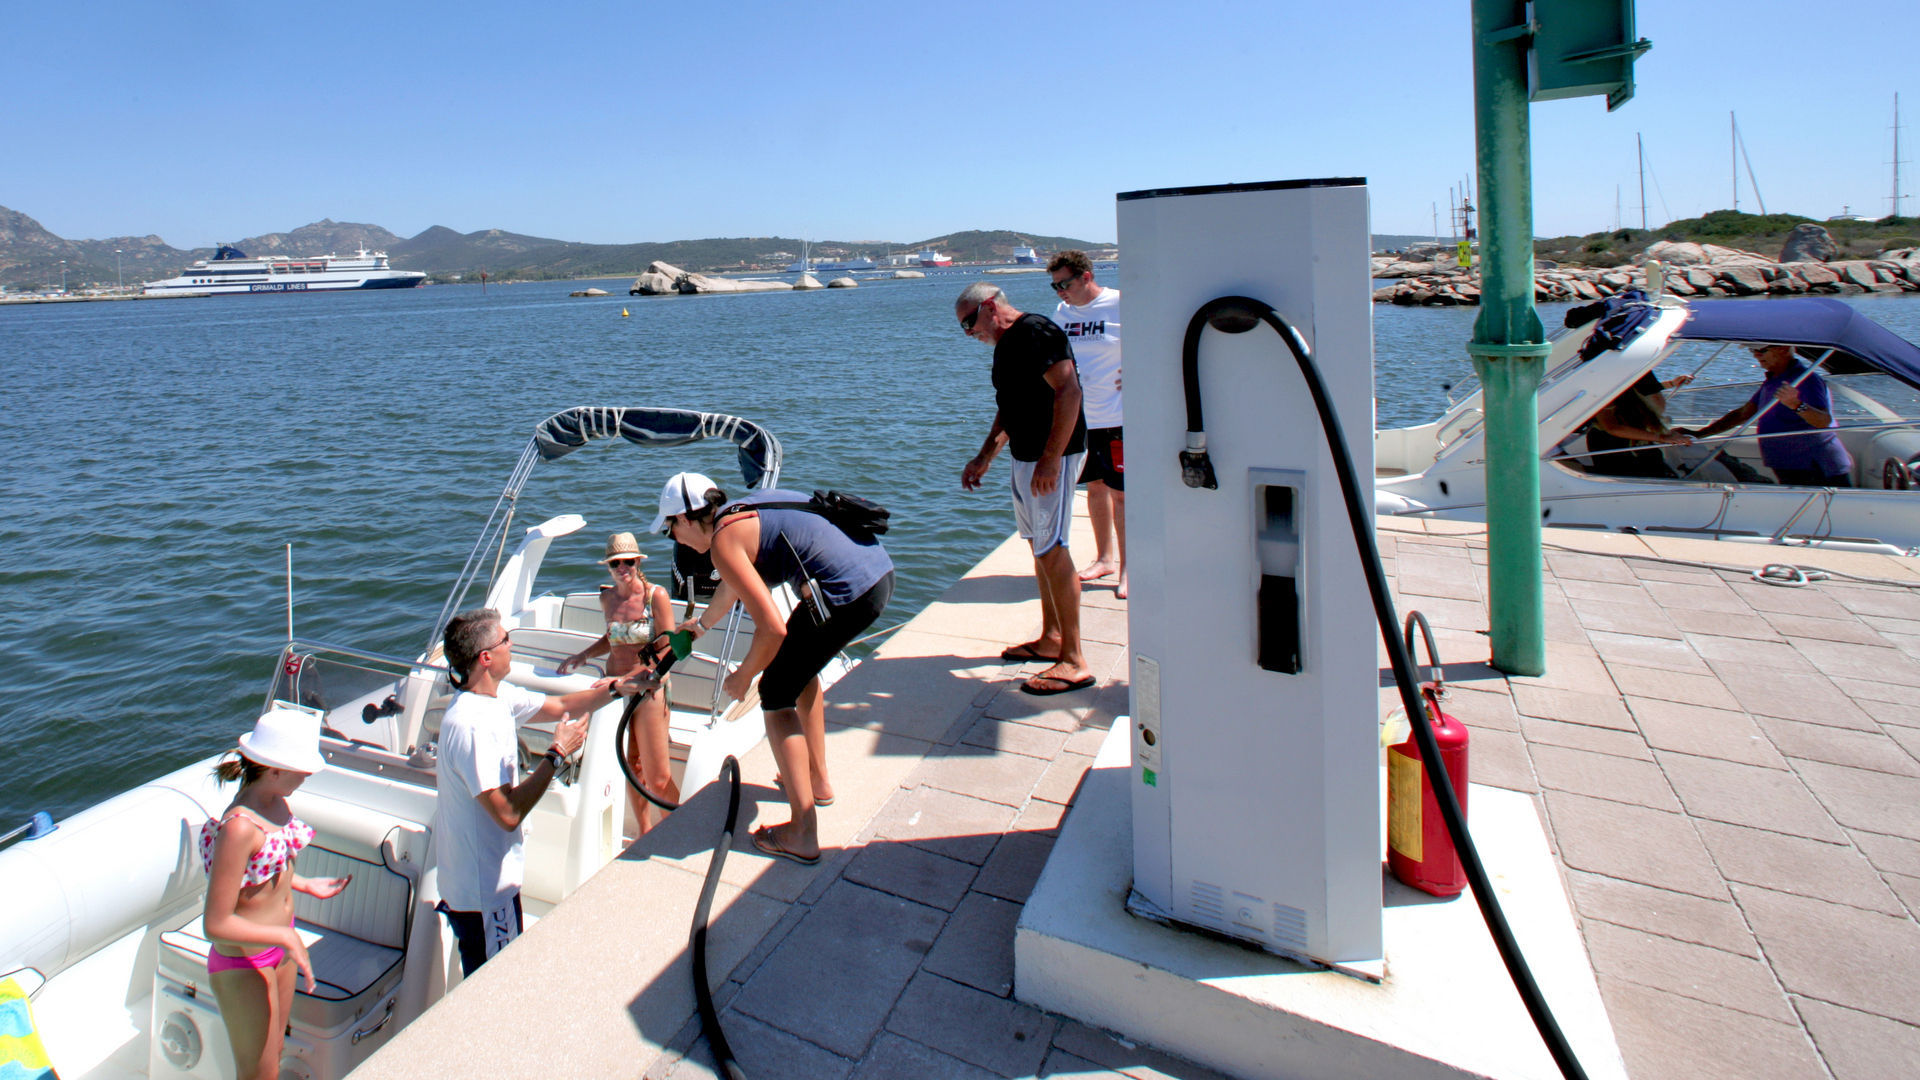 Marina di Olbia - Rifornimento di carburante vl1f8359